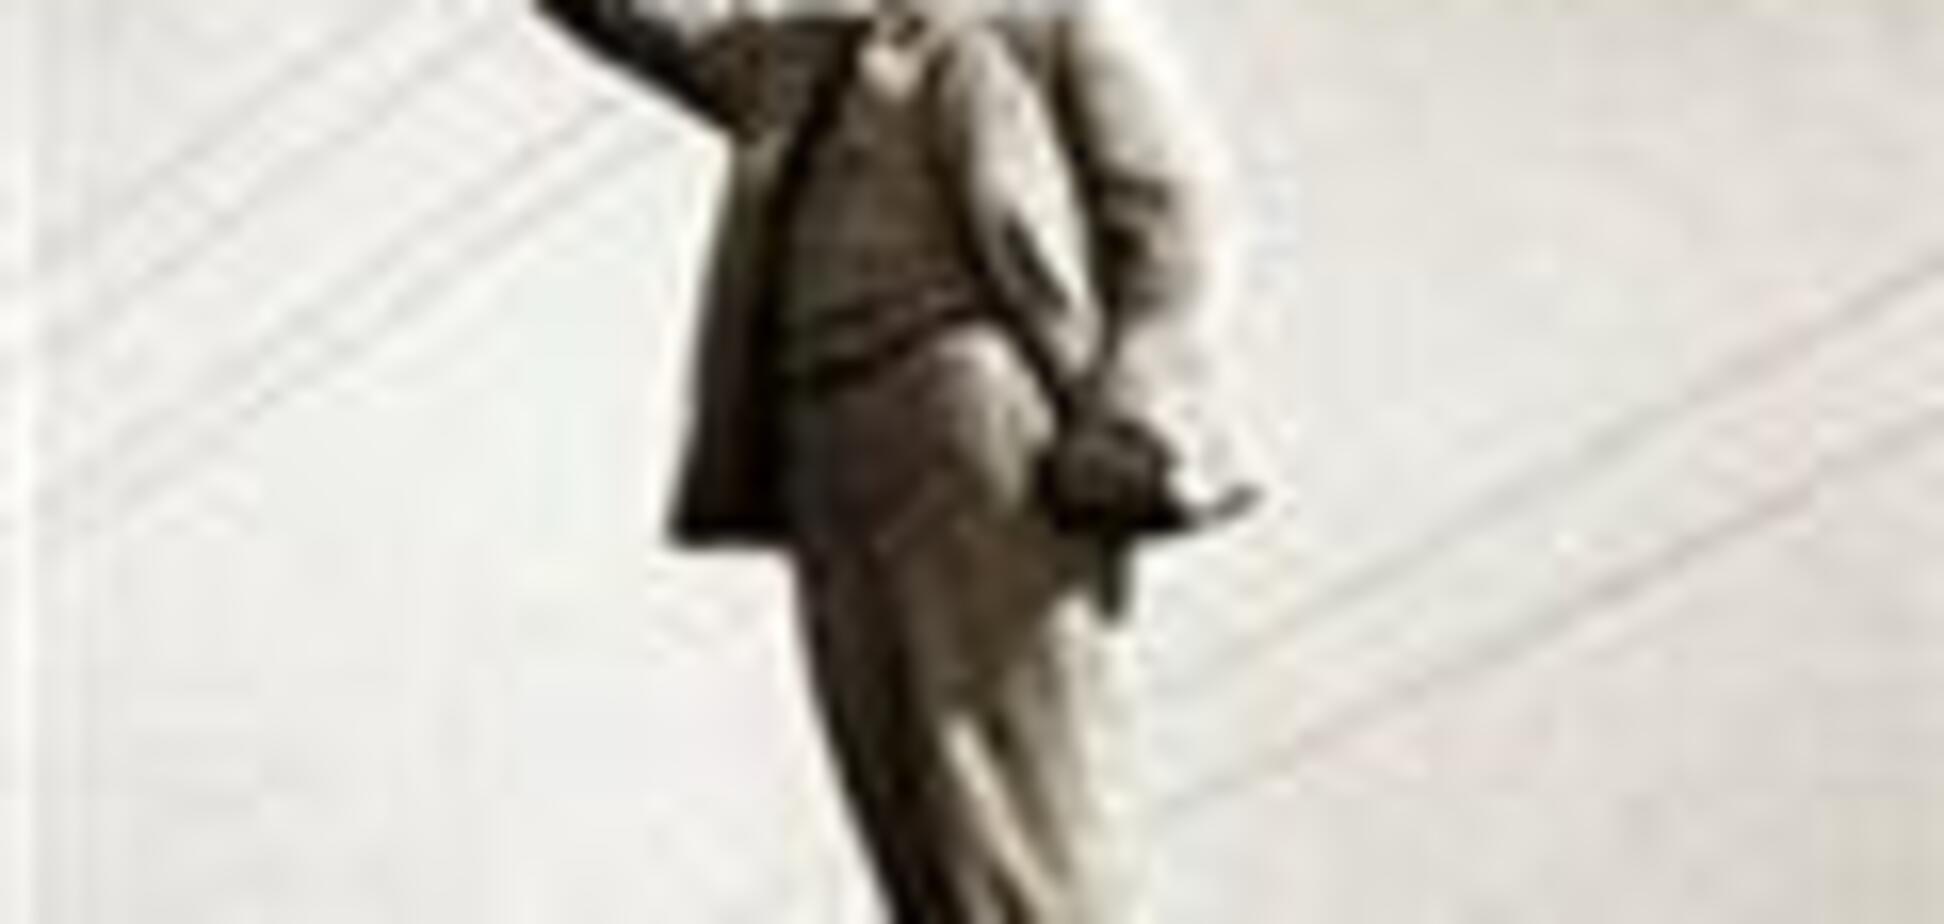 В Калининграде осквернили памятник Ленину